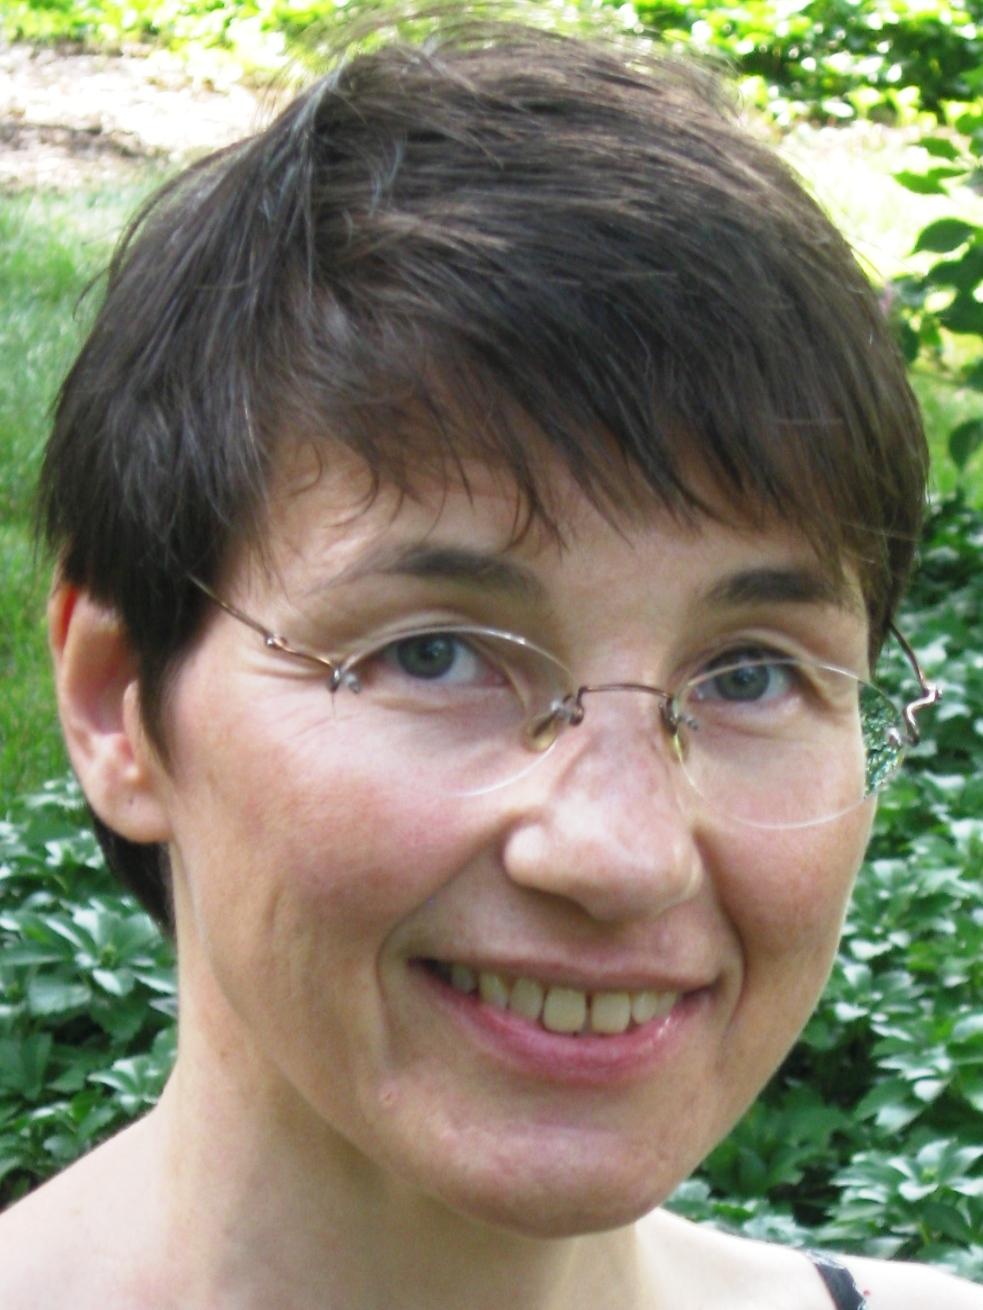 Lauren portrait 2012